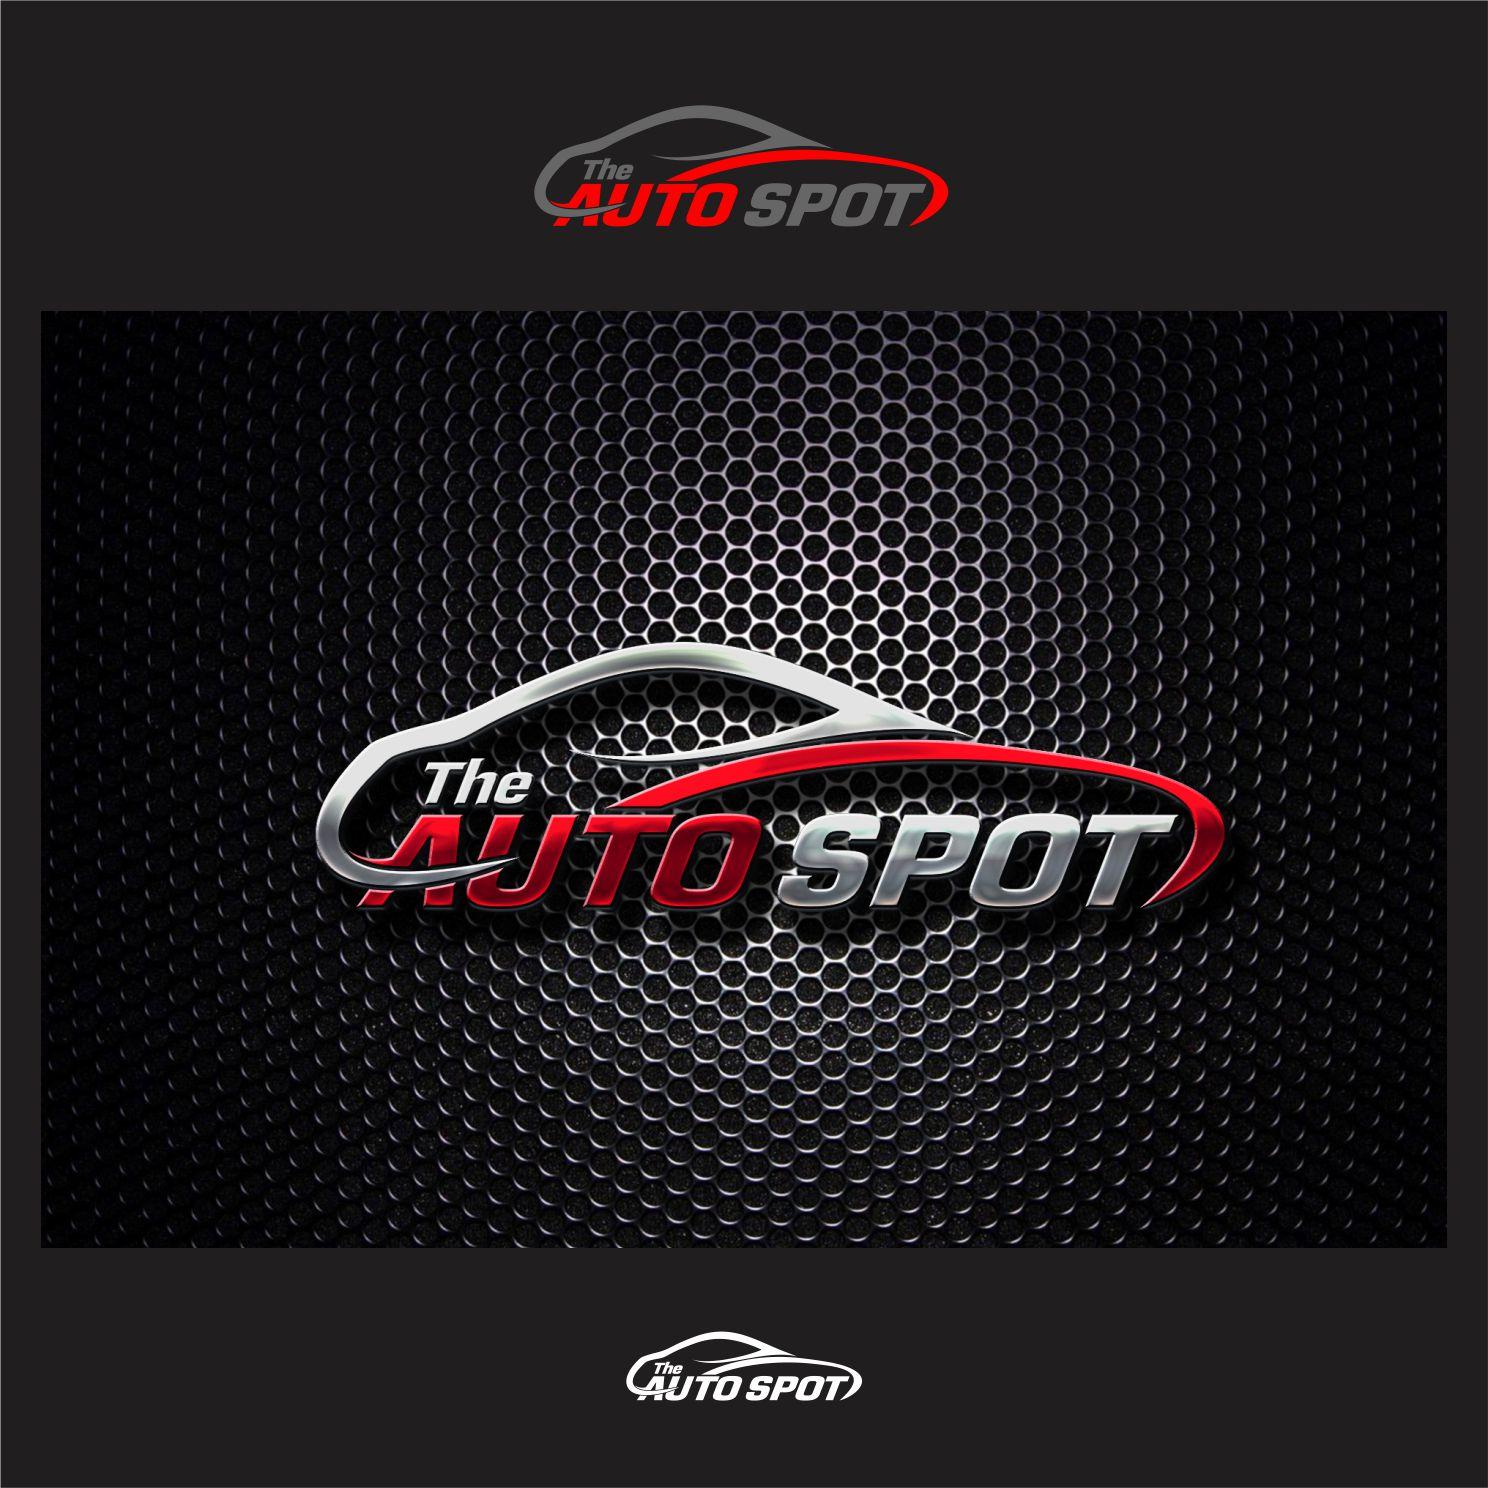 Car Dealer Logo Design For The Auto